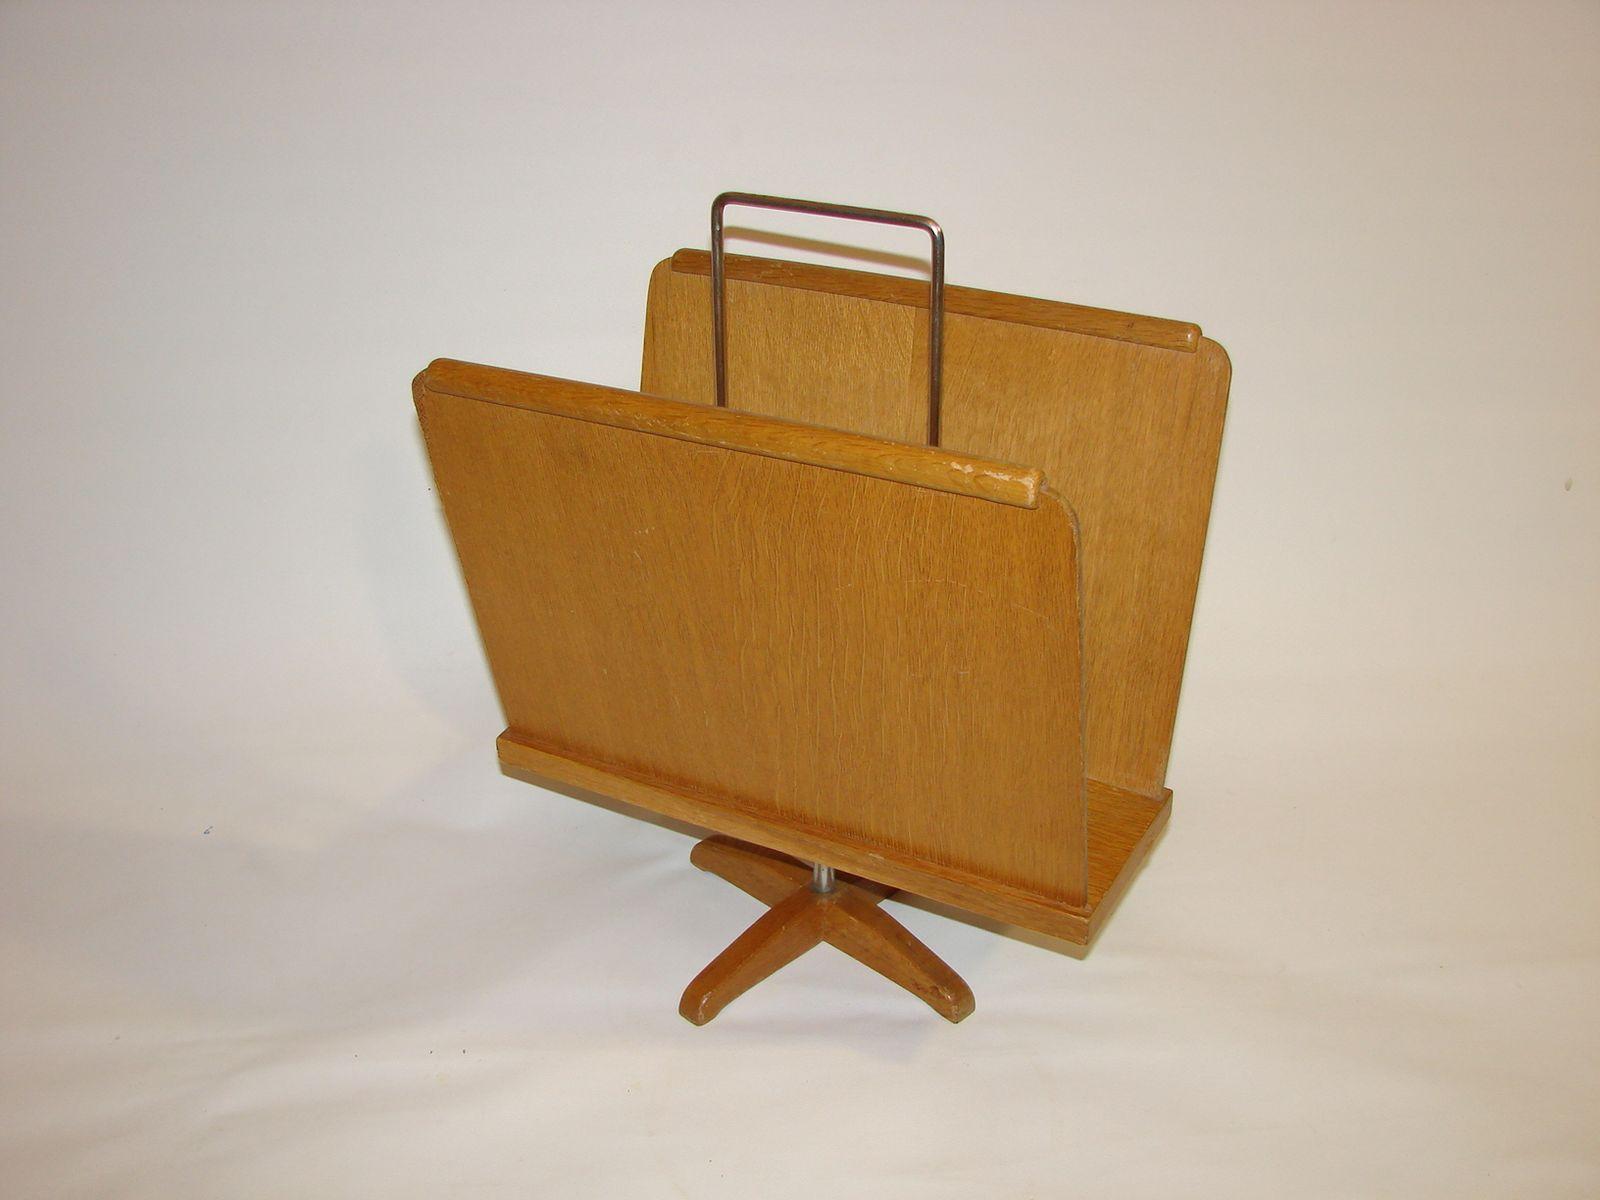 drehbarer zeitungsst nder aus holz 1970er bei pamono kaufen. Black Bedroom Furniture Sets. Home Design Ideas